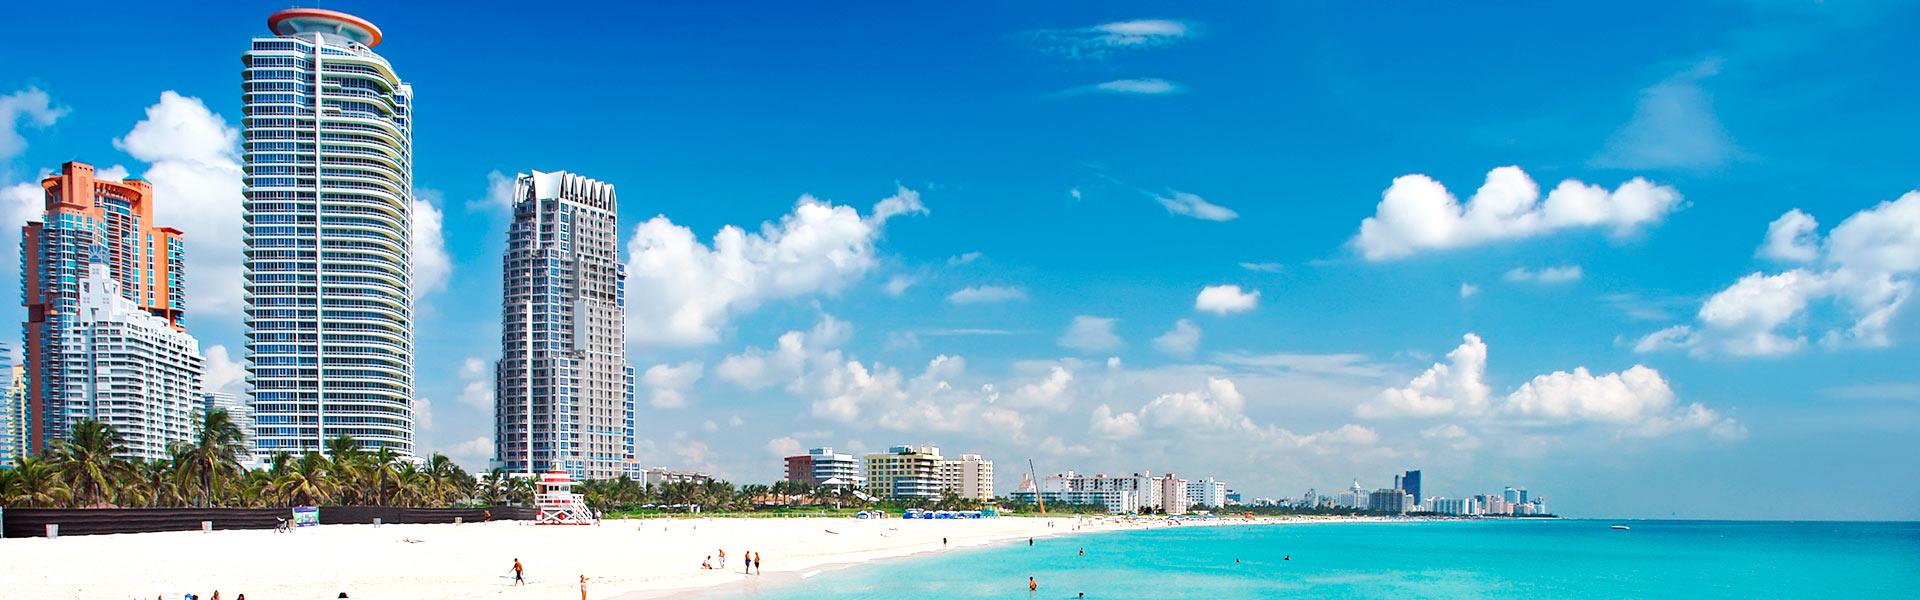 Cursos de inglés Miami Beach Florida